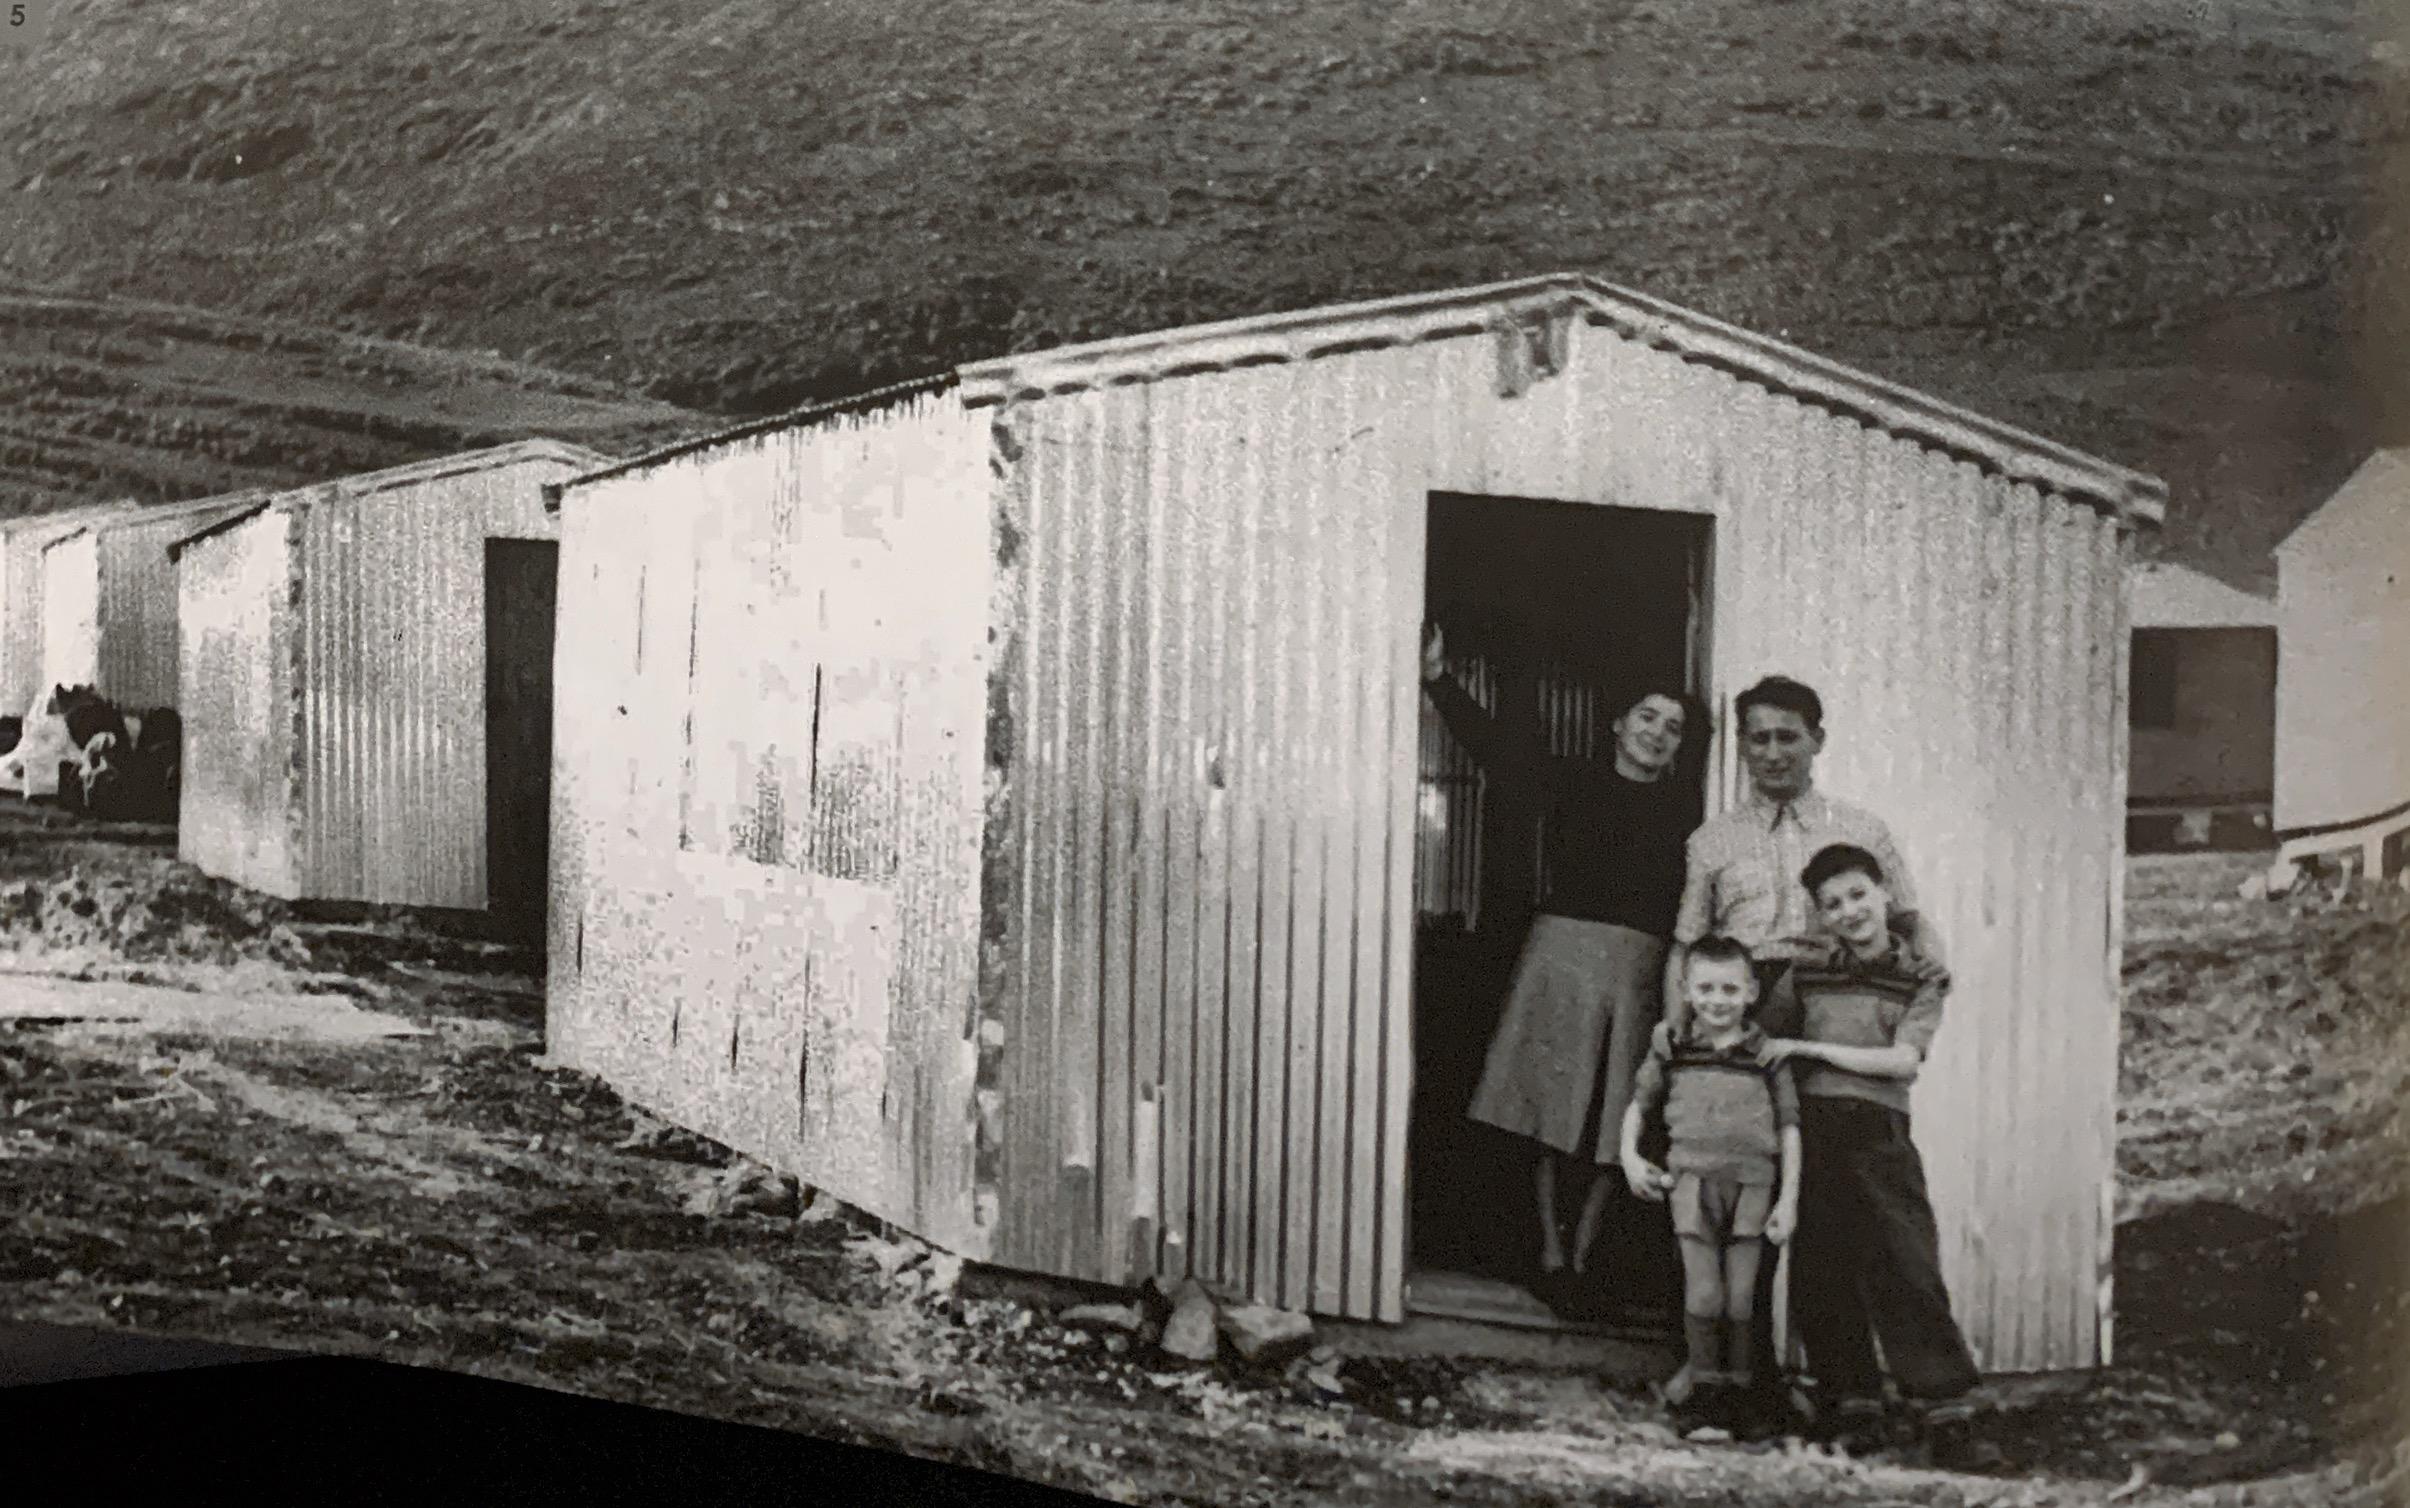 משפחת גרינברג מנתניה בפתח צריפם. מעברת חלסה פברואר 1951